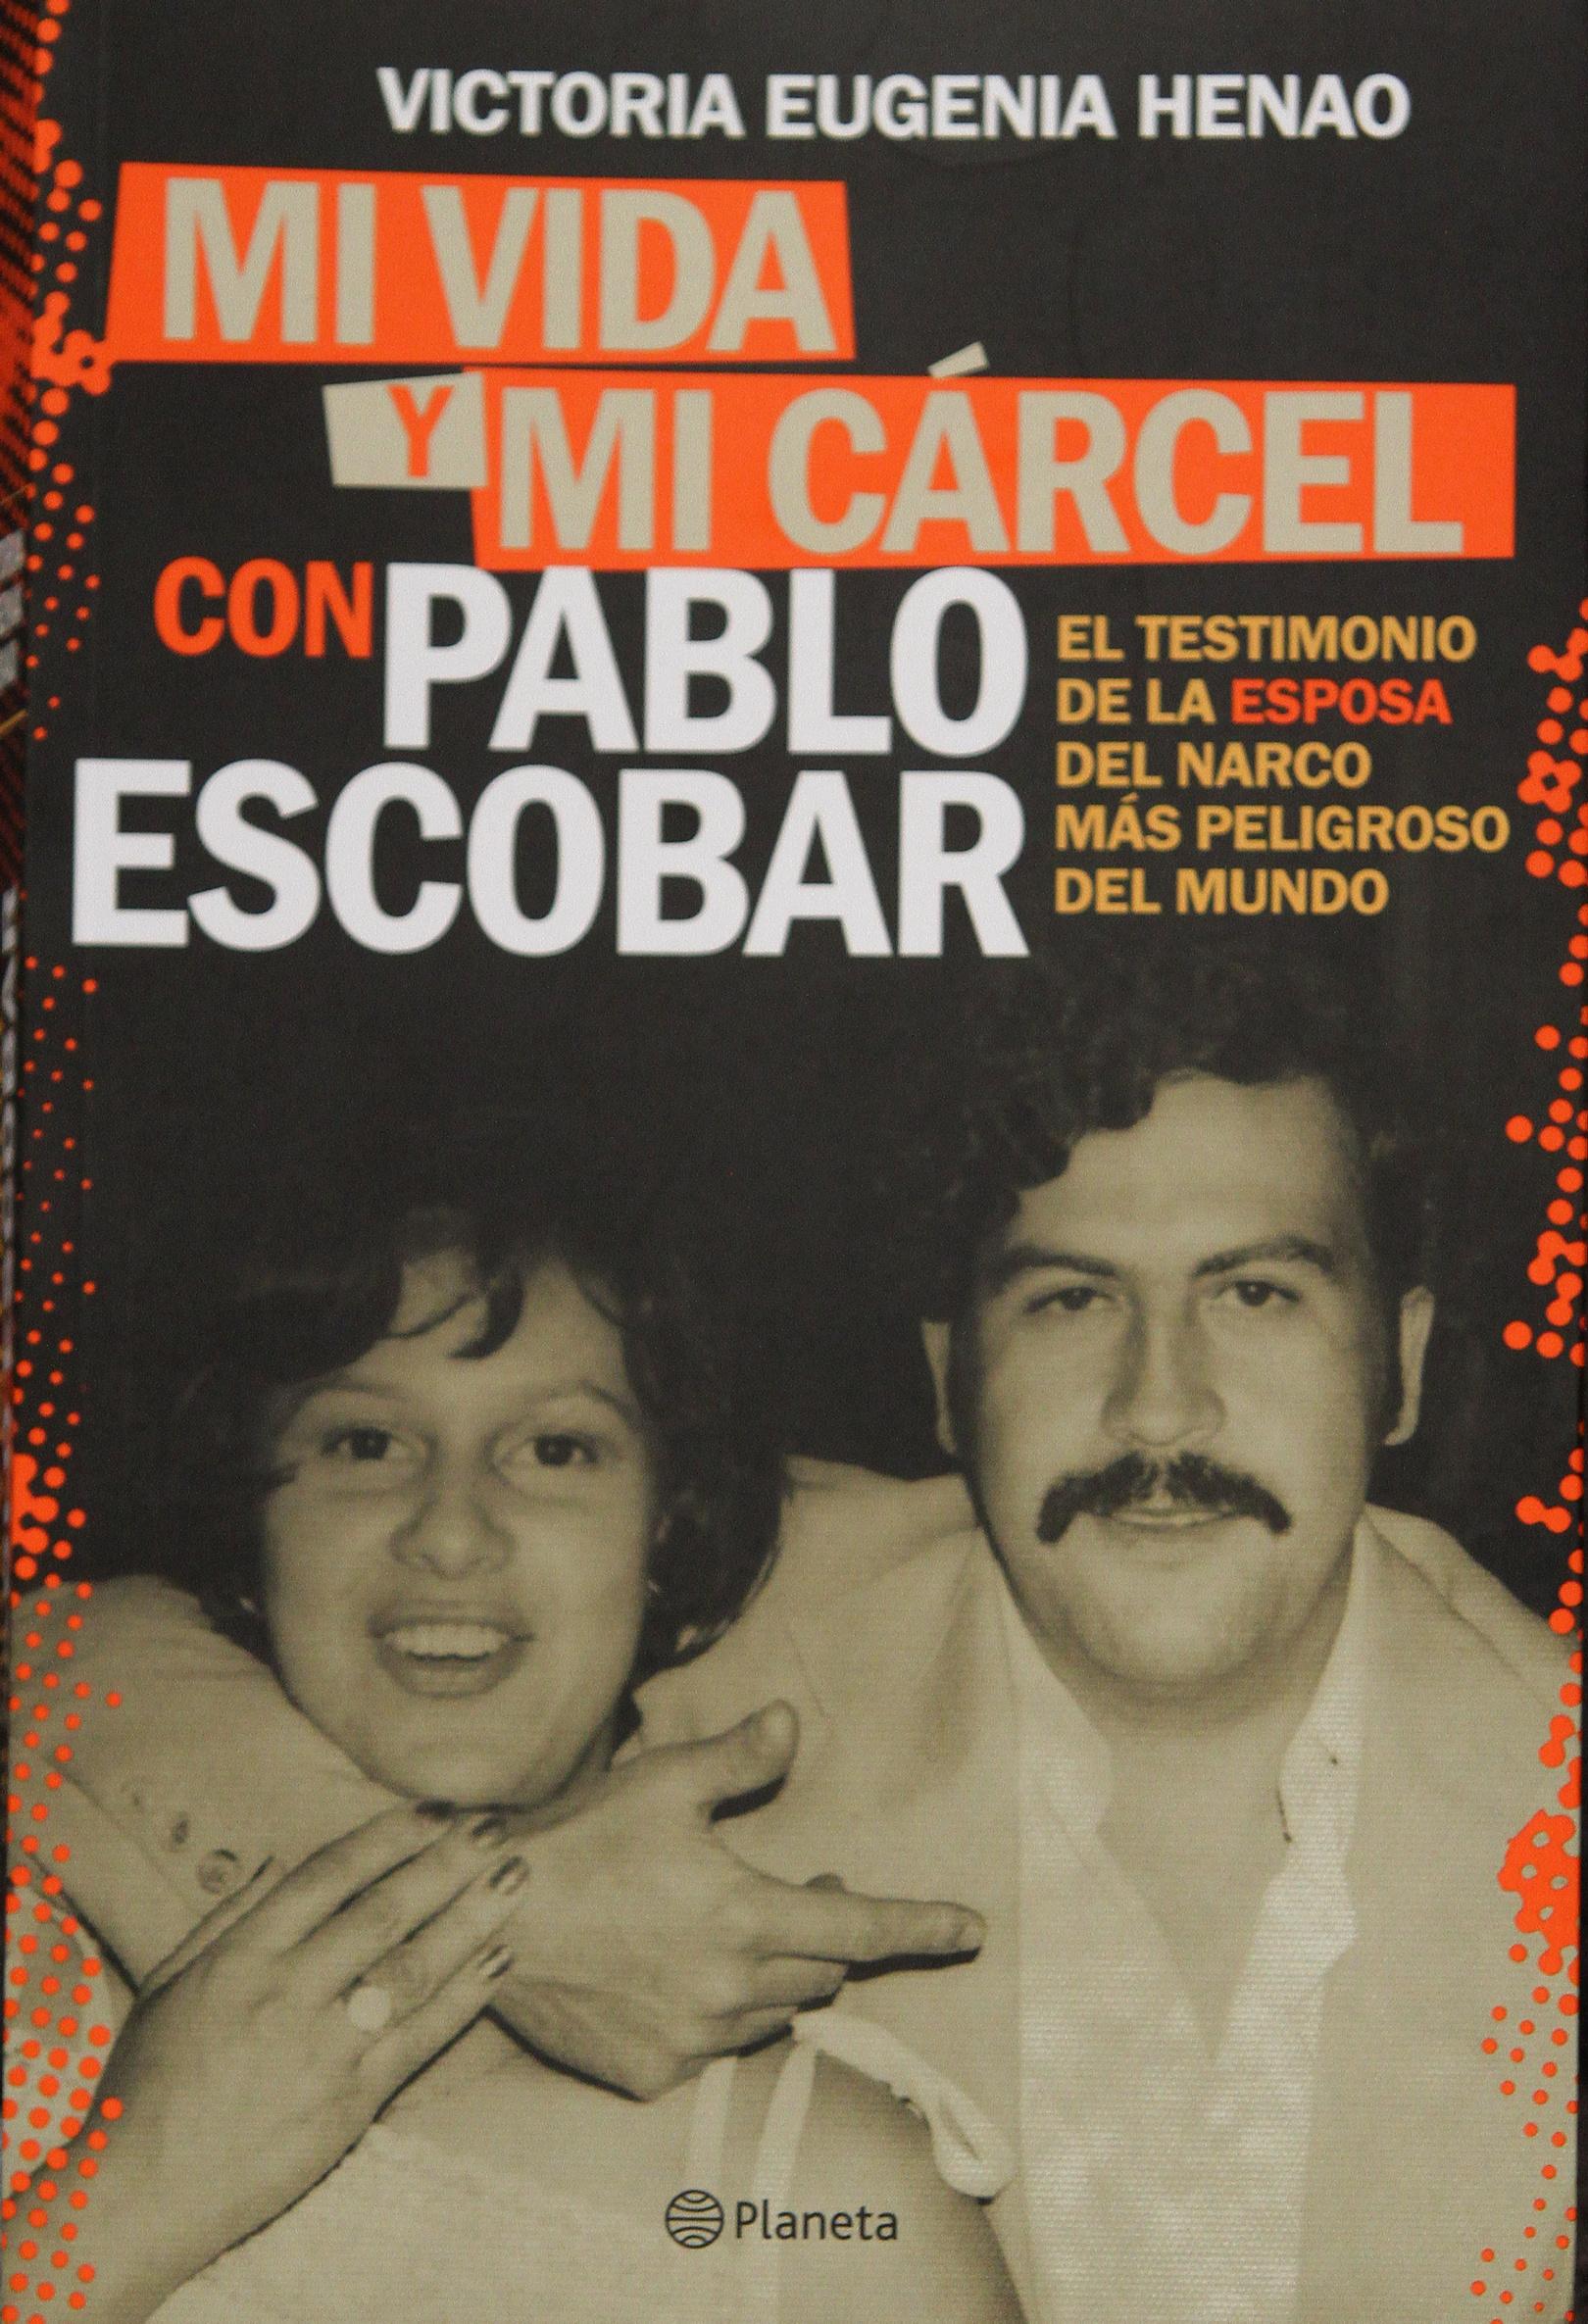 Viuda de Pablo Escobar presenta libro «Mi vida y mi cárcel, con Pablo Escobar»